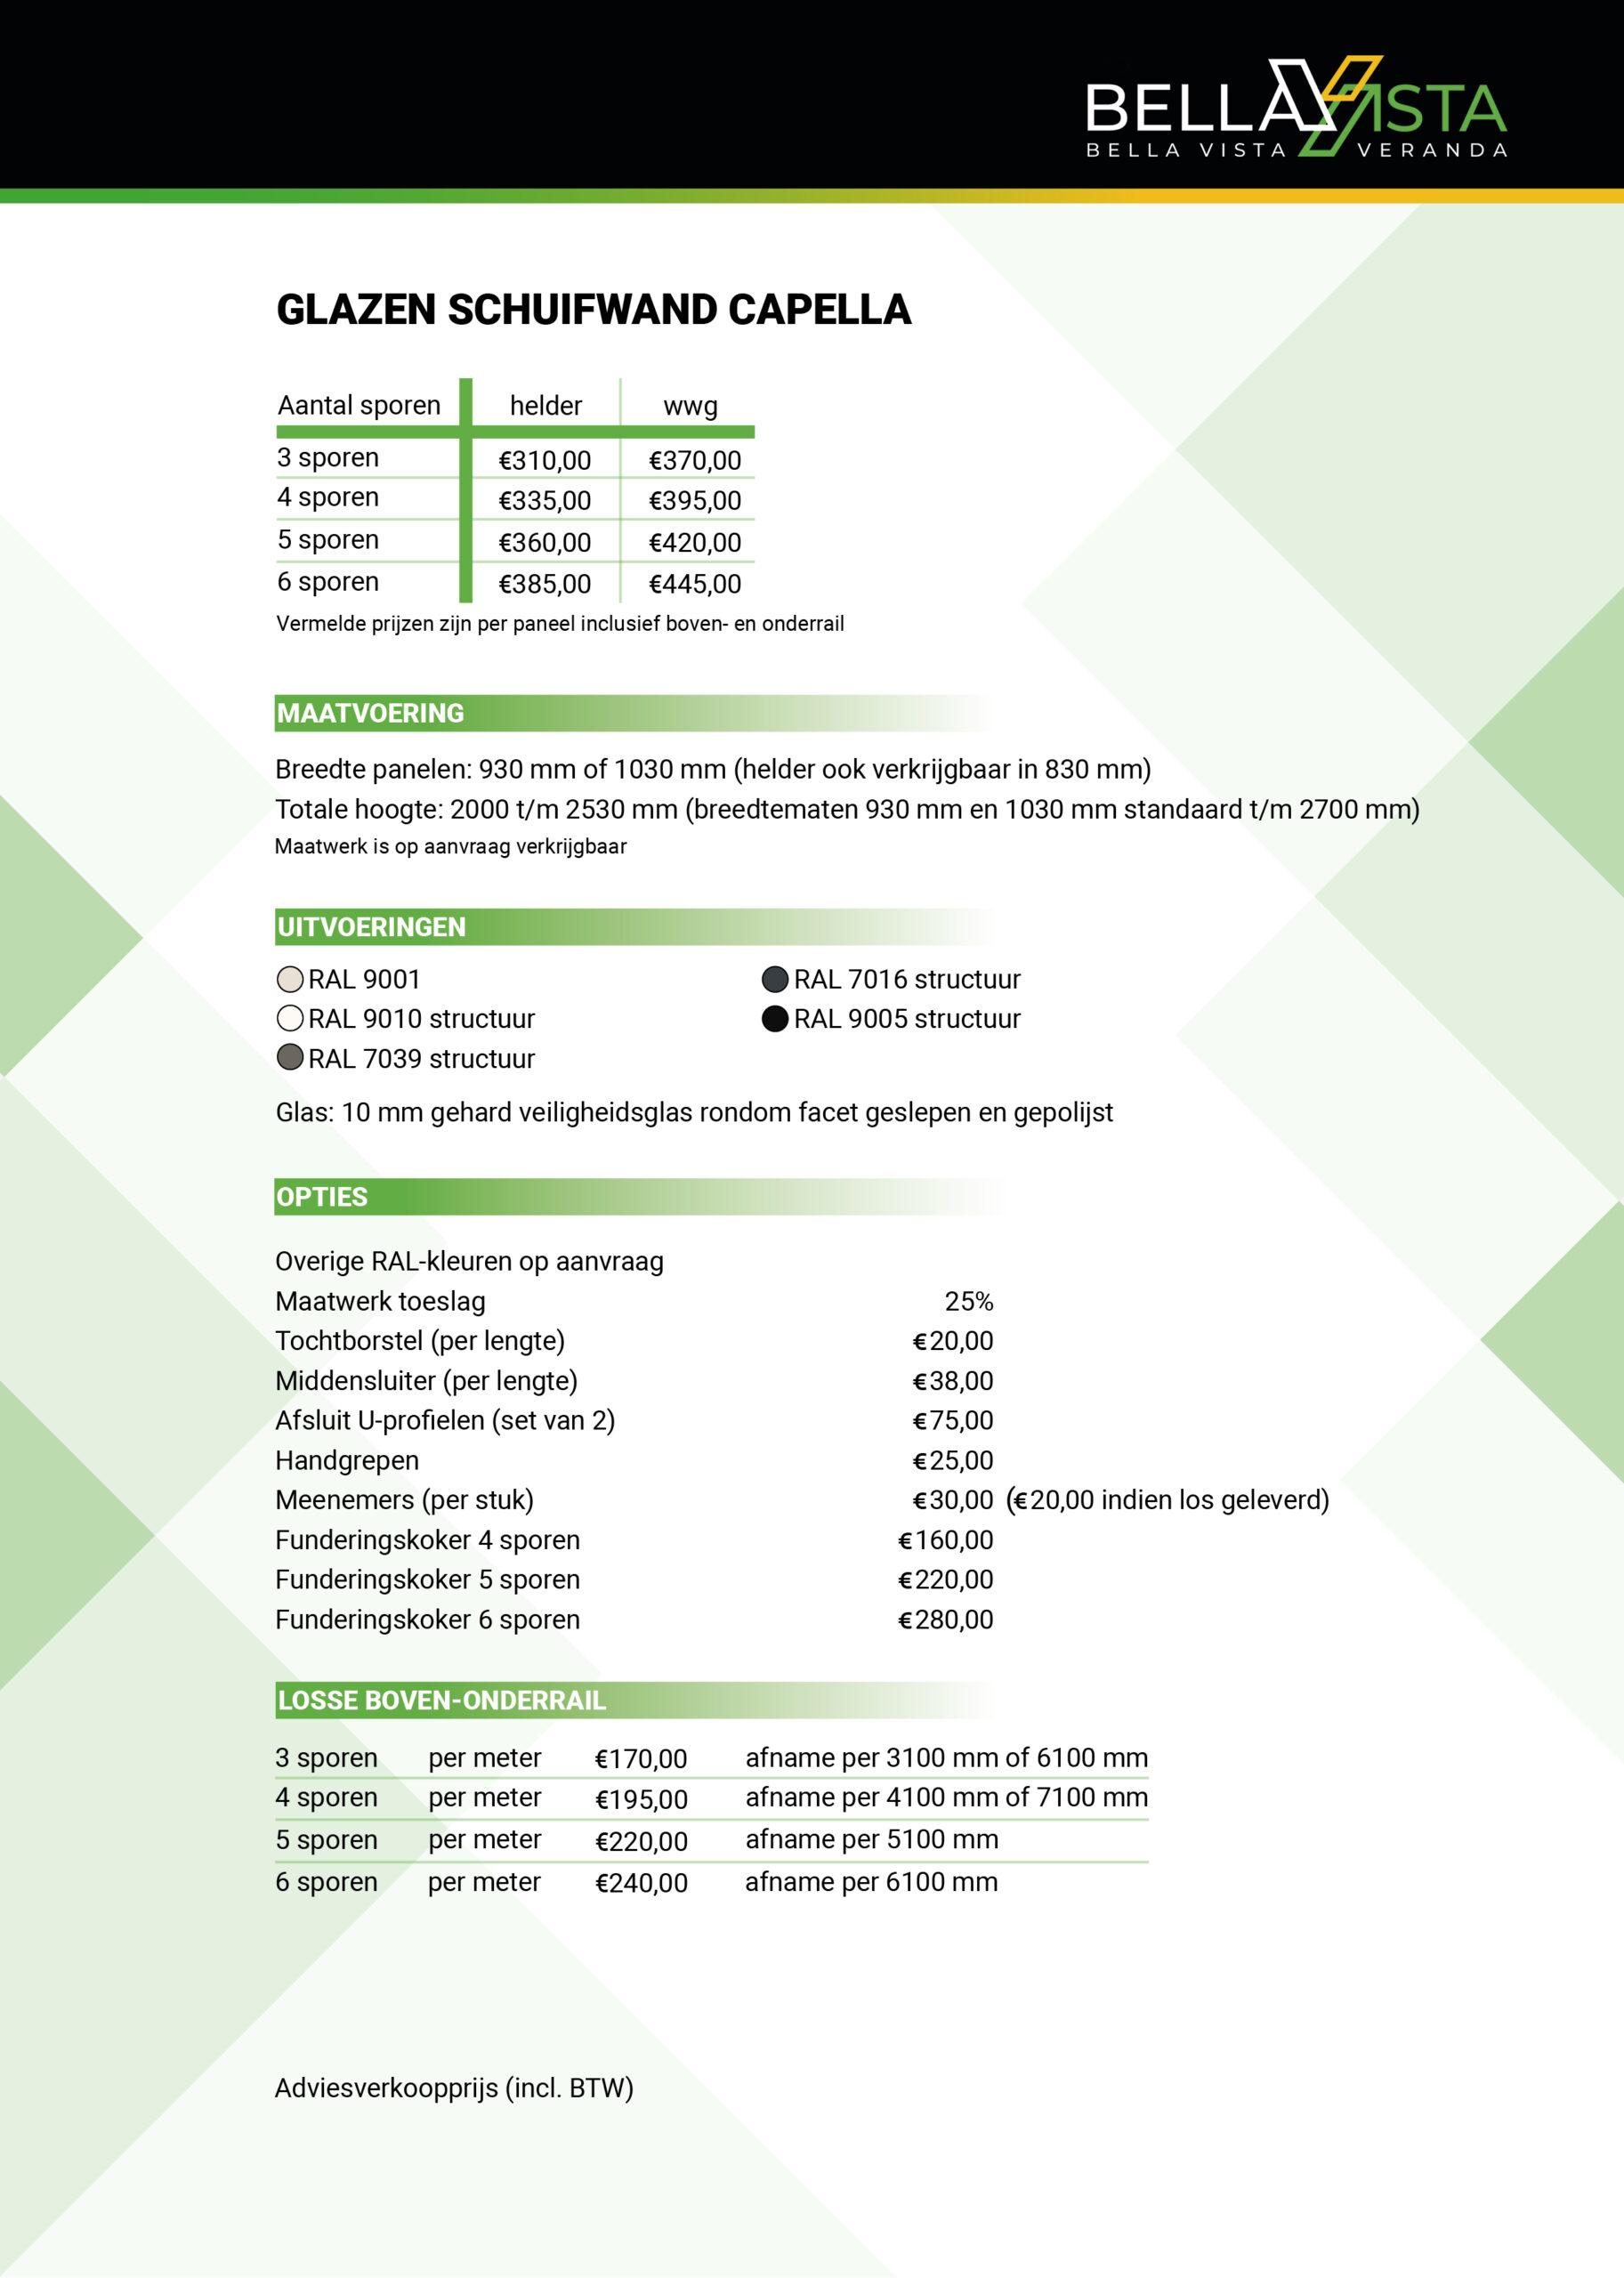 Prijslijst glazen schuifwand afbeelding voor website